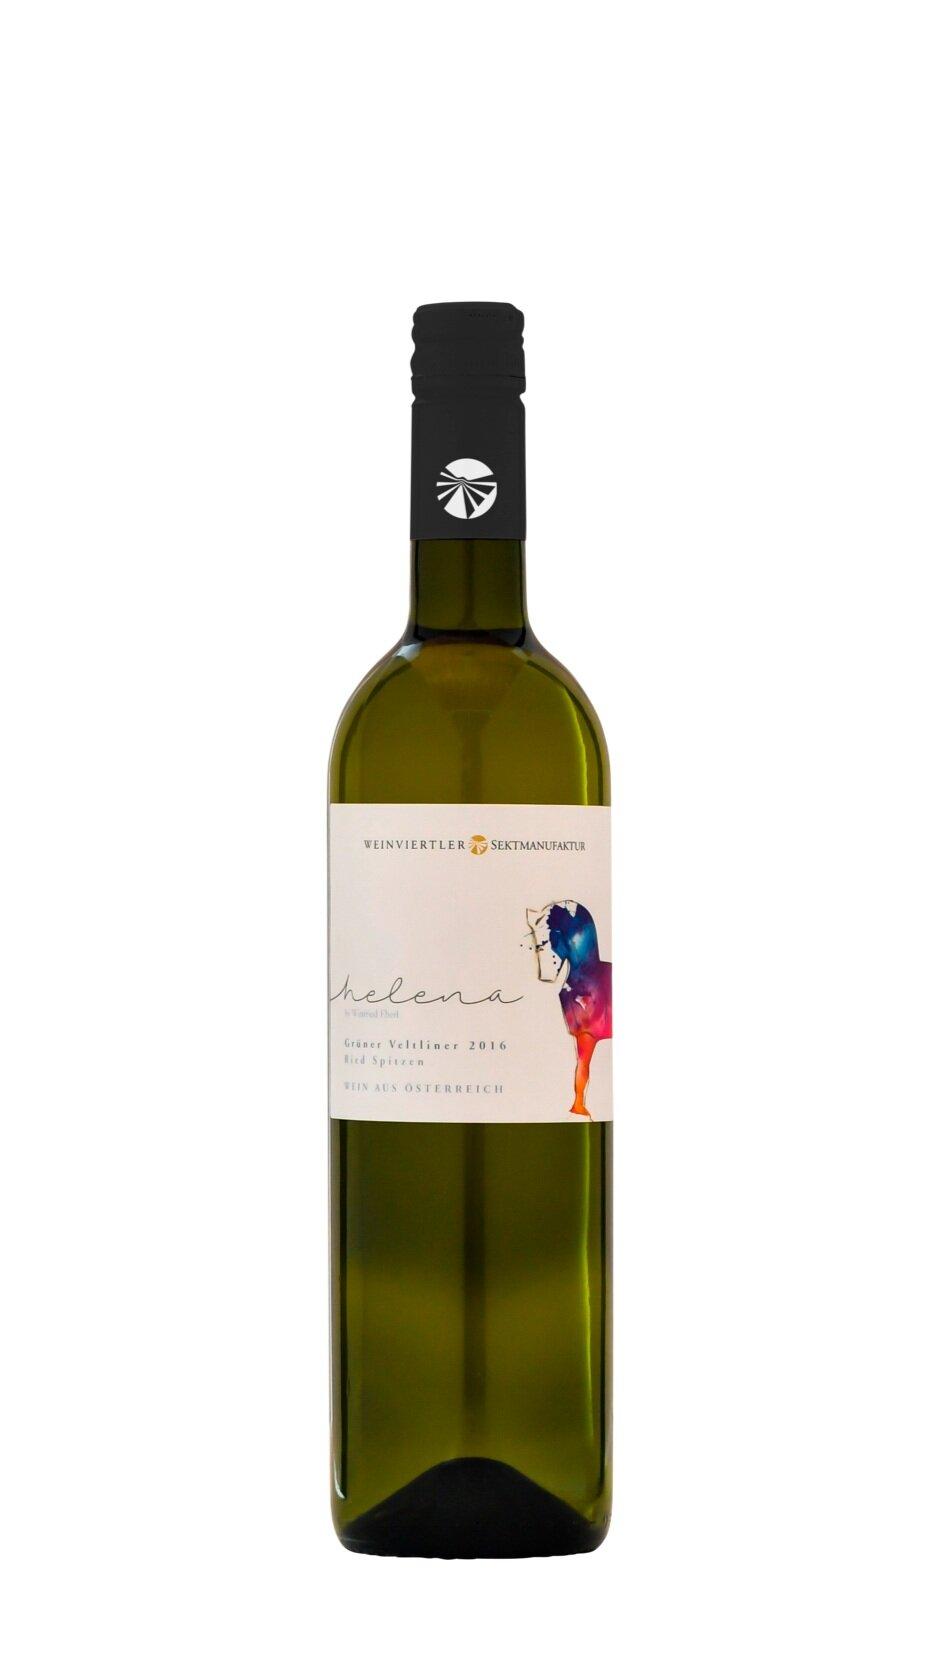 Flaschendesign I Weinviertler Sektmanufaktur